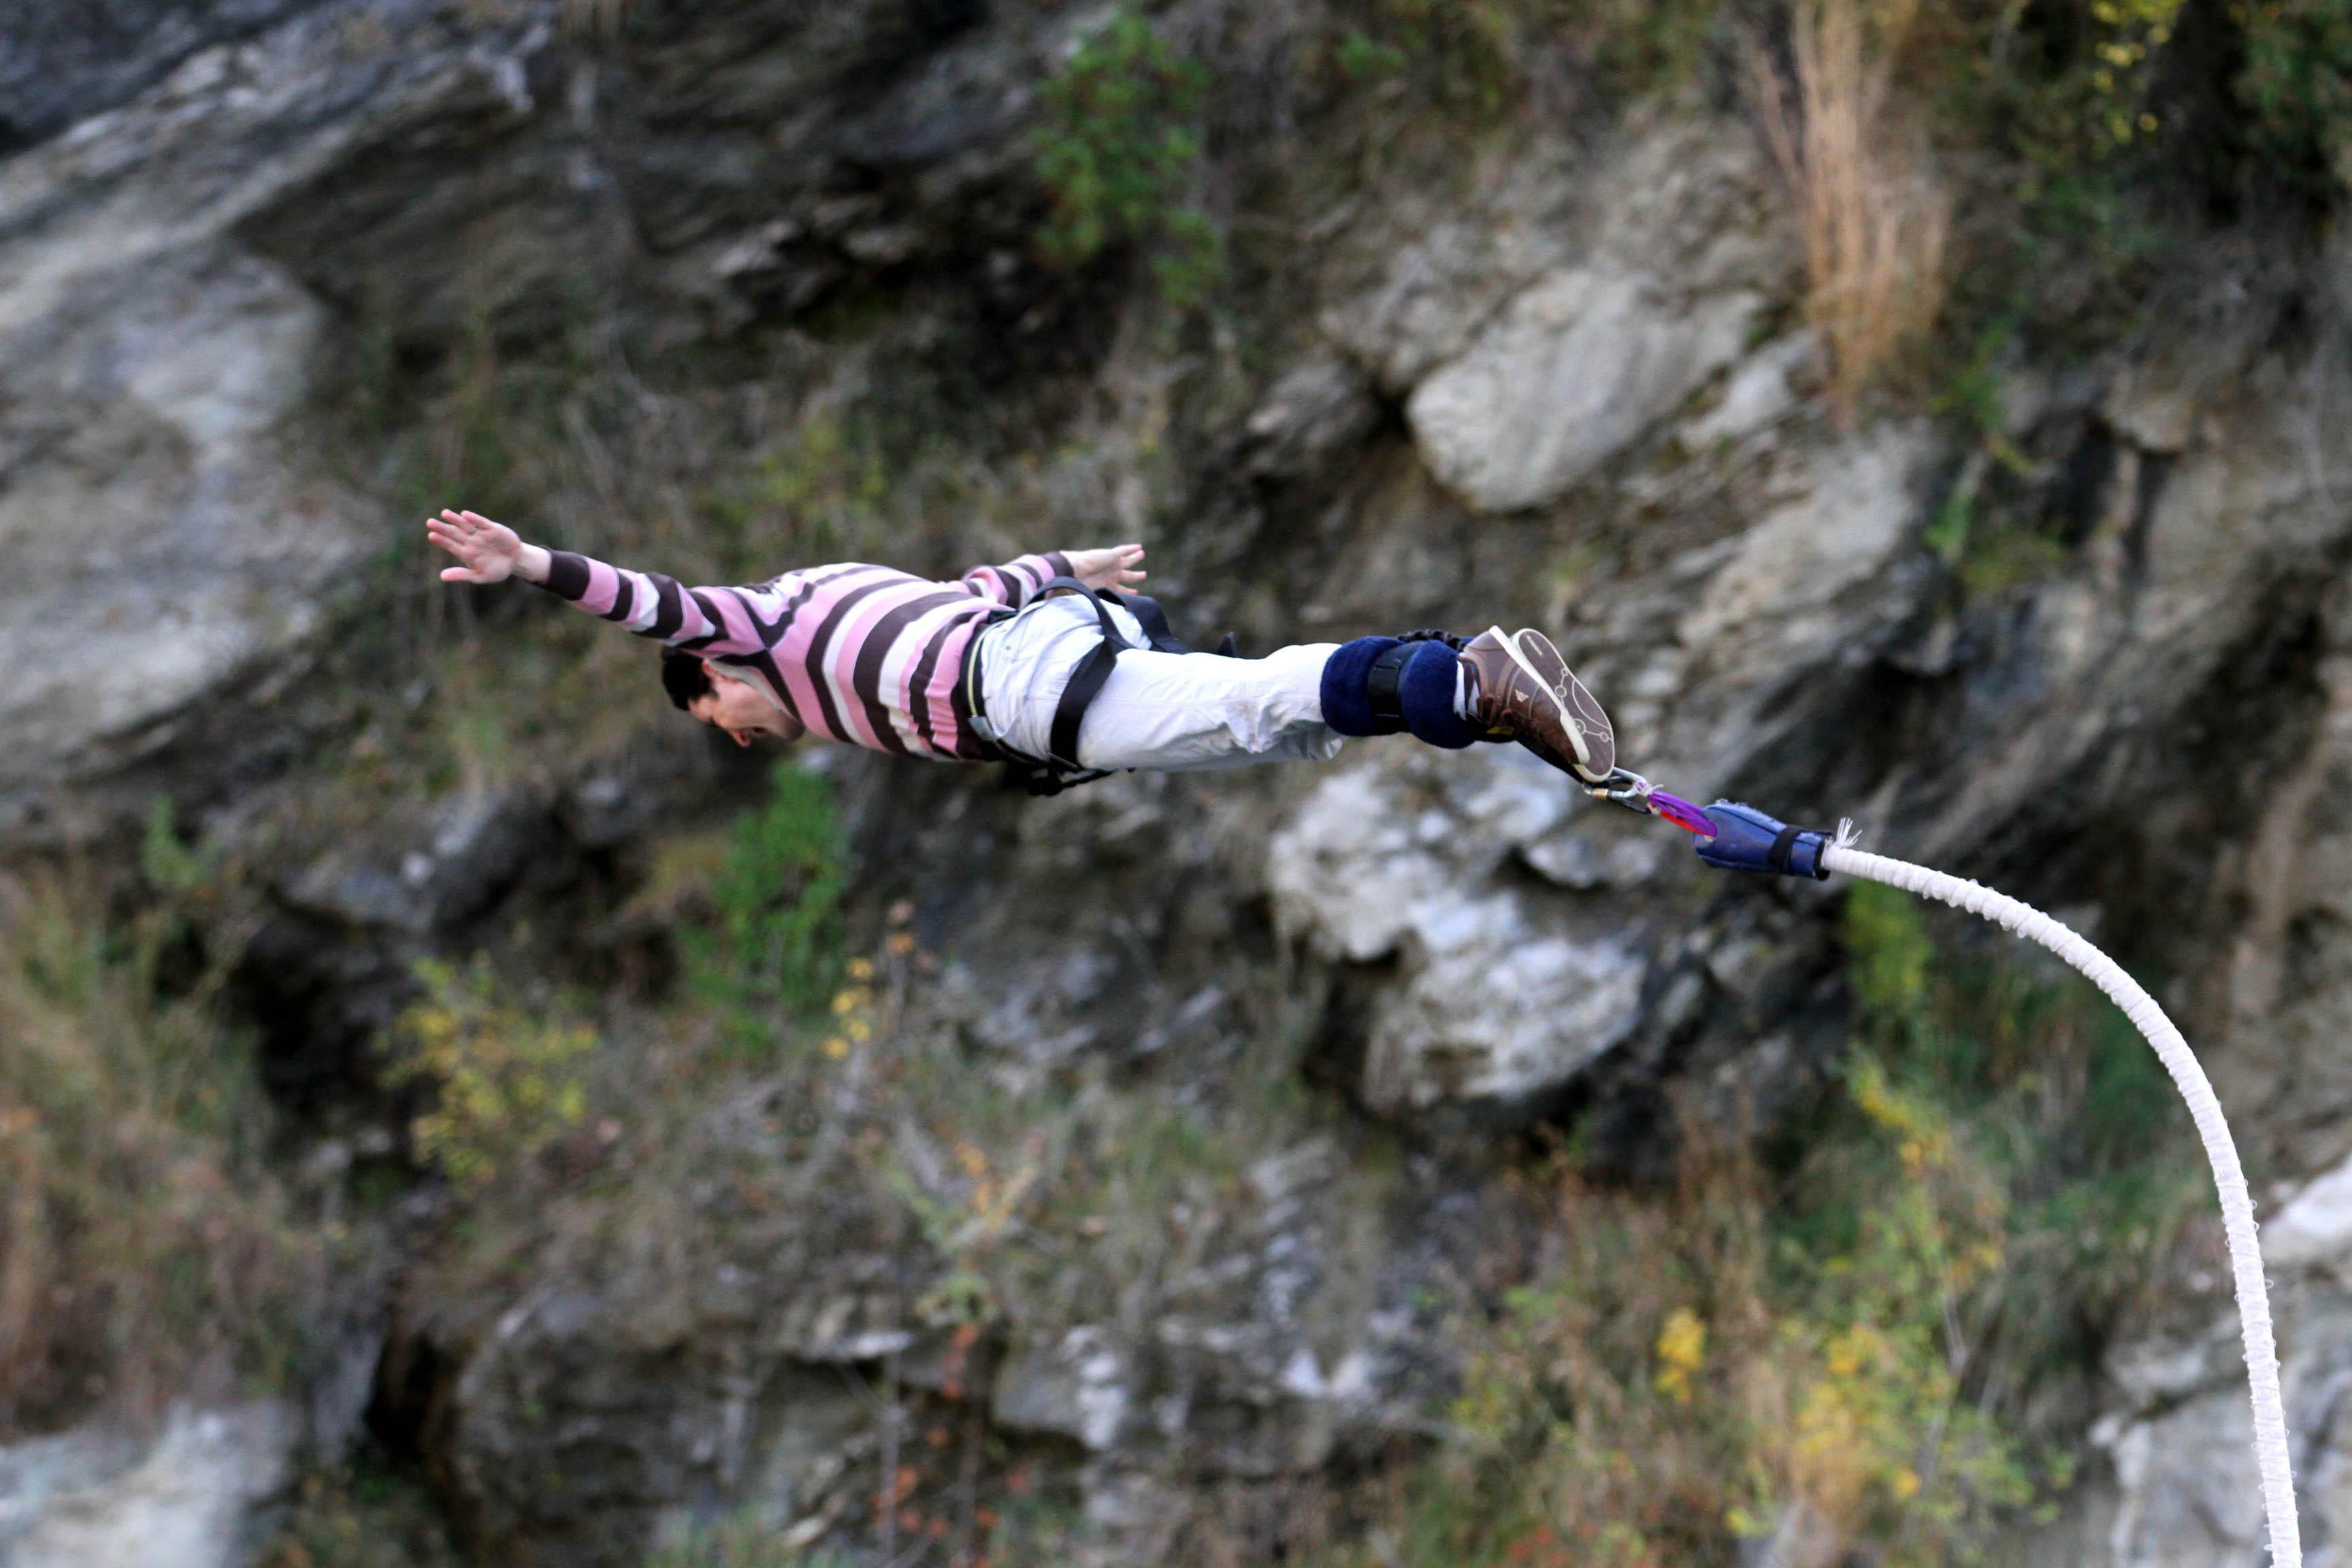 Queenstown Nouvelle Zélande - les lubies de Louise (32 sur 33)